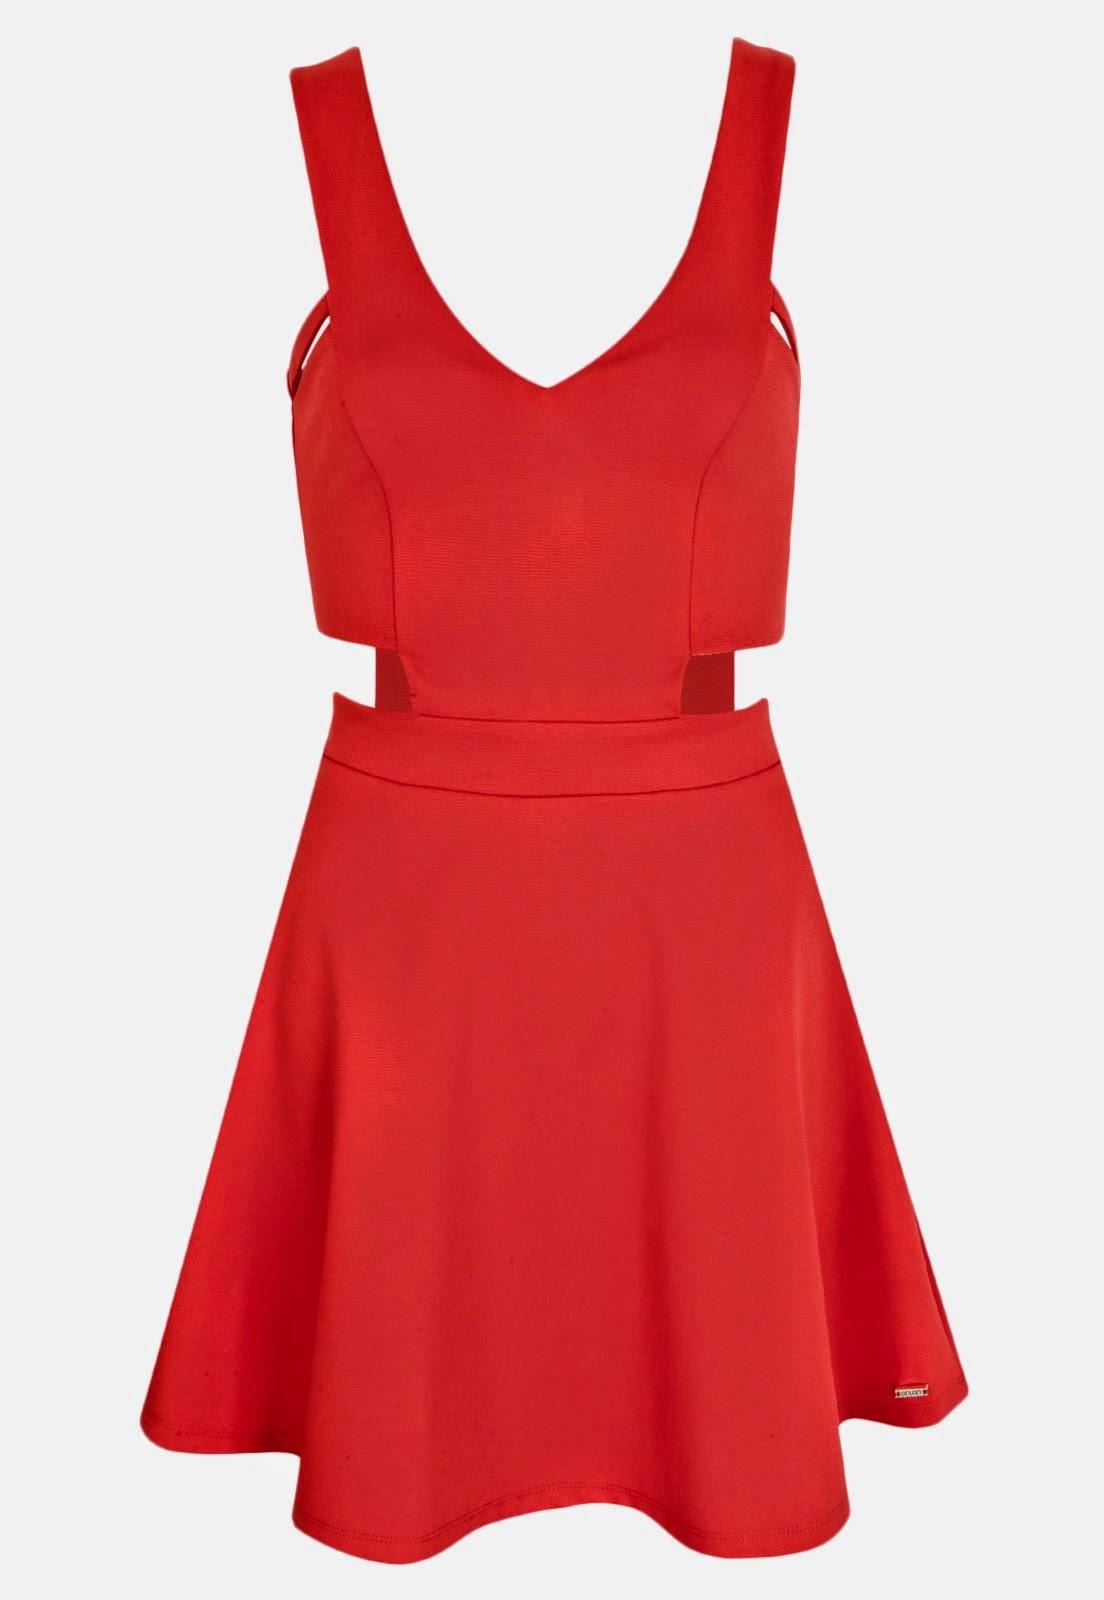 http://questoeseargumentos.blogspot.com.br/2014/10/vestido-colcci-elegance-vermelho.html